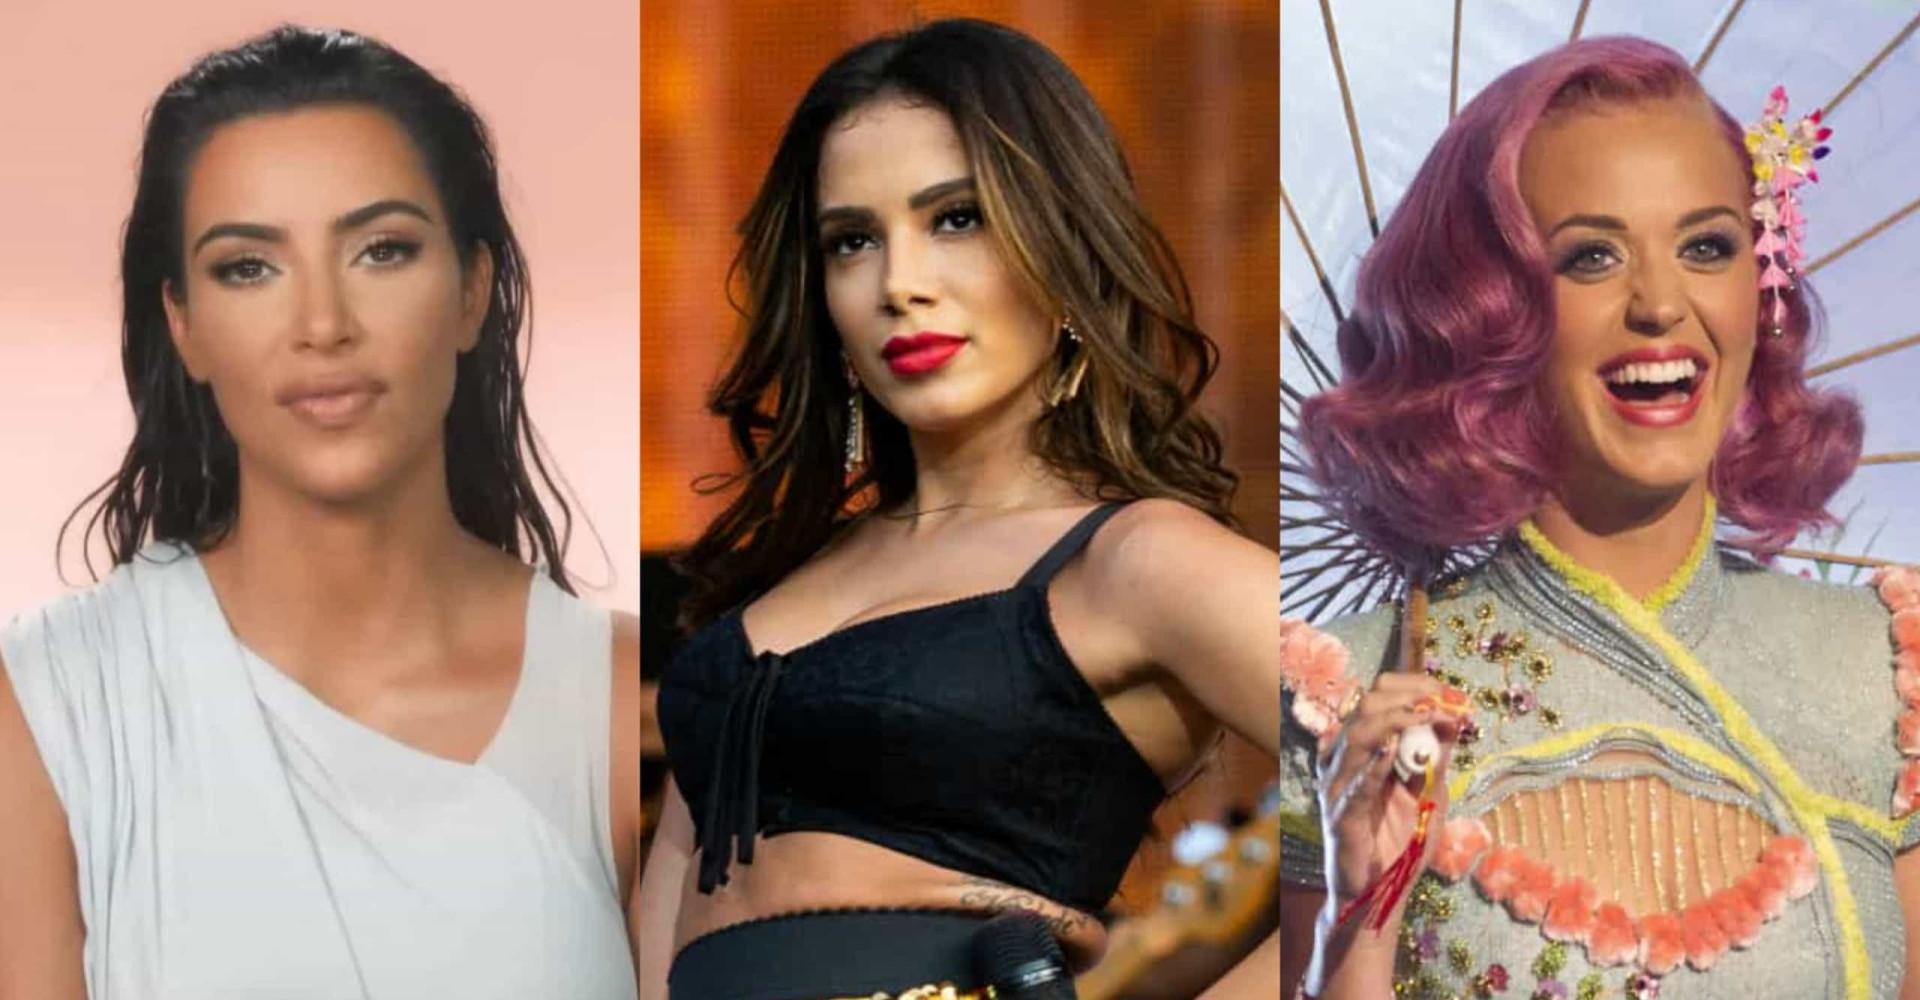 Kim Kardashian e outros famosos acusados de apropriação cultural